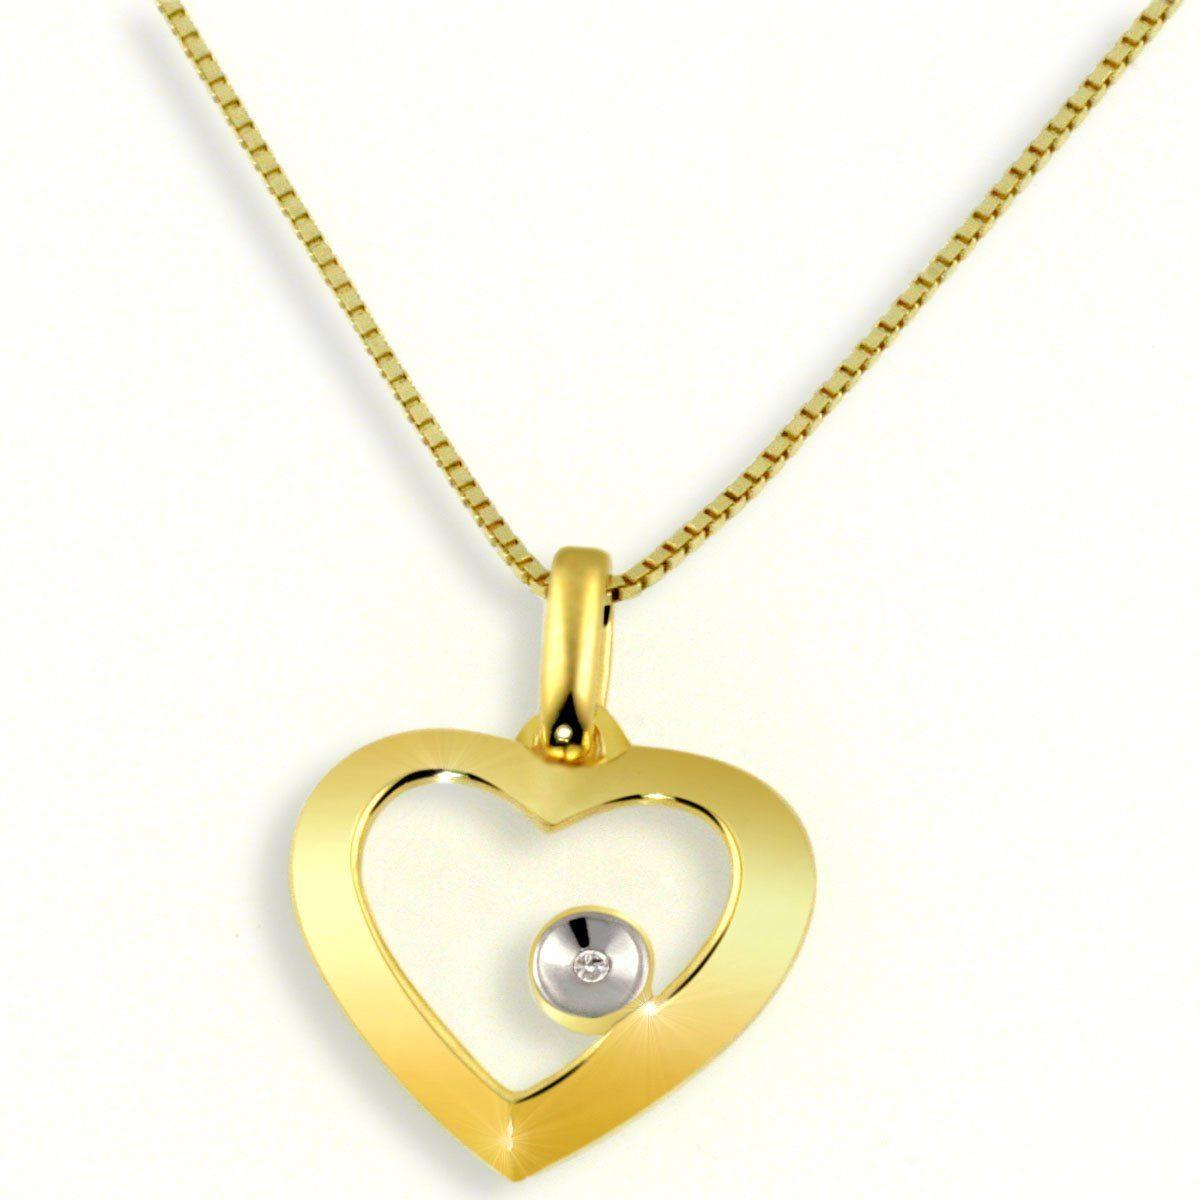 Averdin Collier Gelbgold 585/- Herz mit Diamant